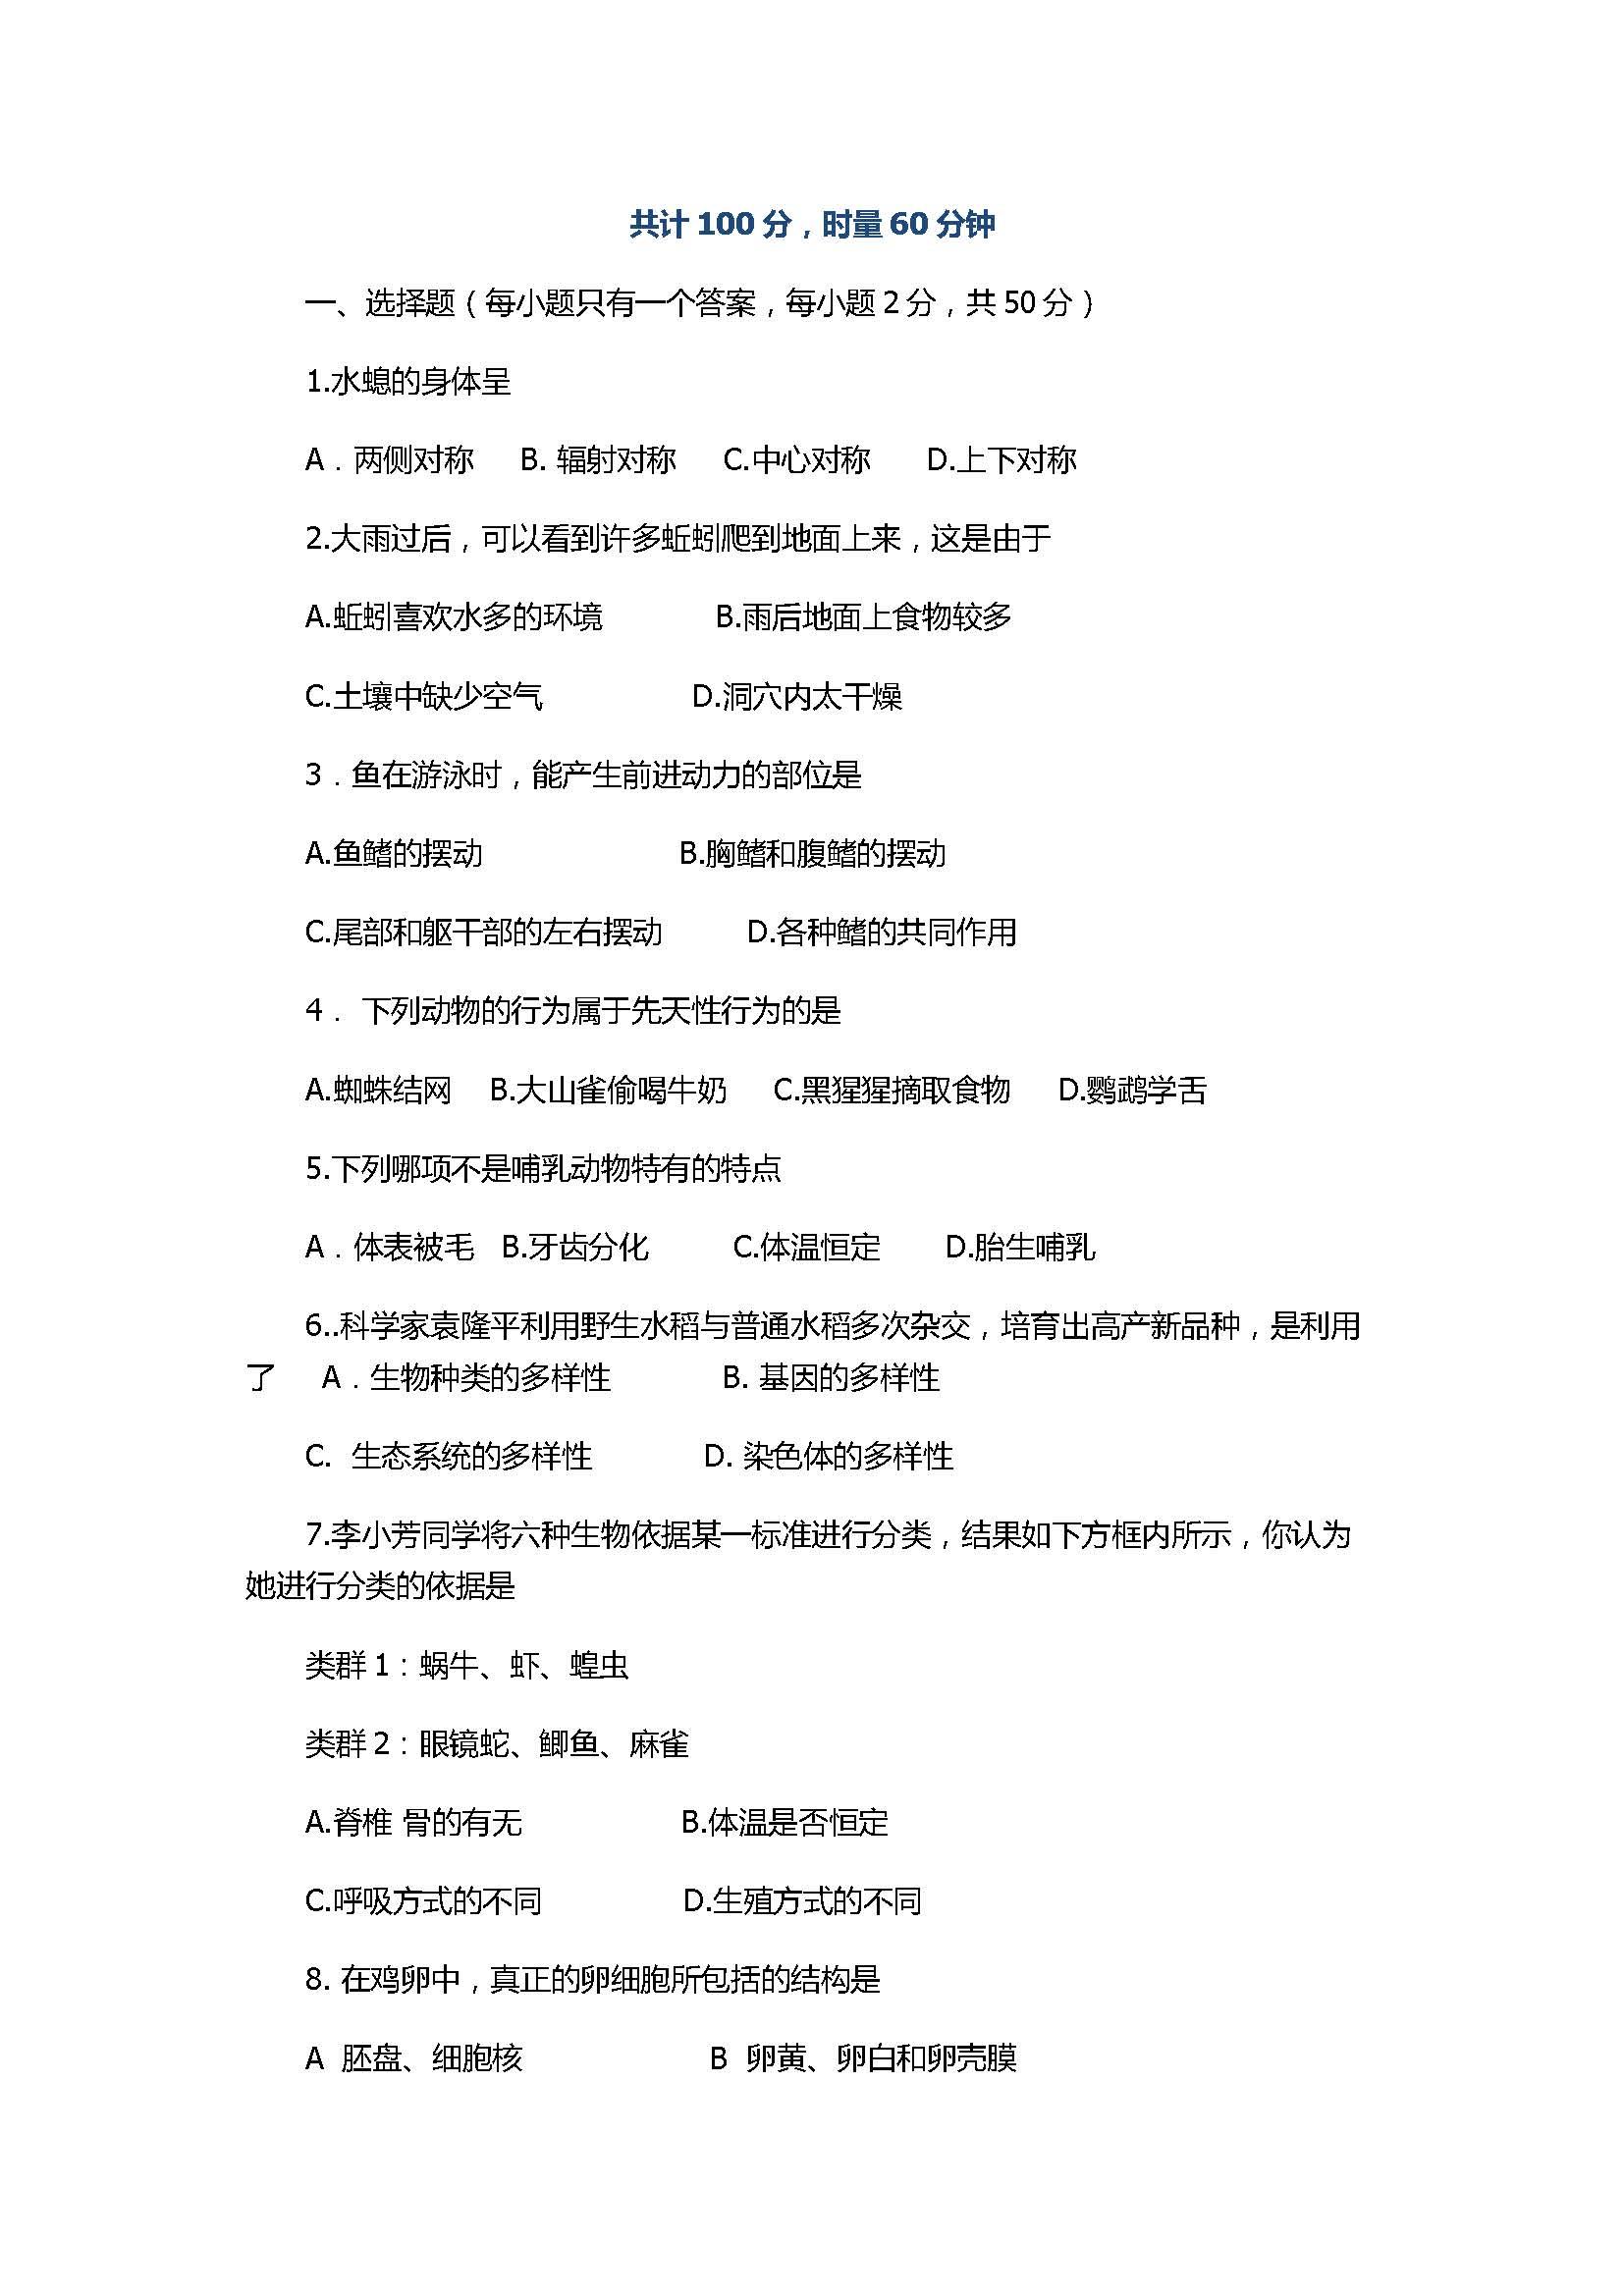 2017八年级生物上册期末试卷含参考答案(衡阳市)